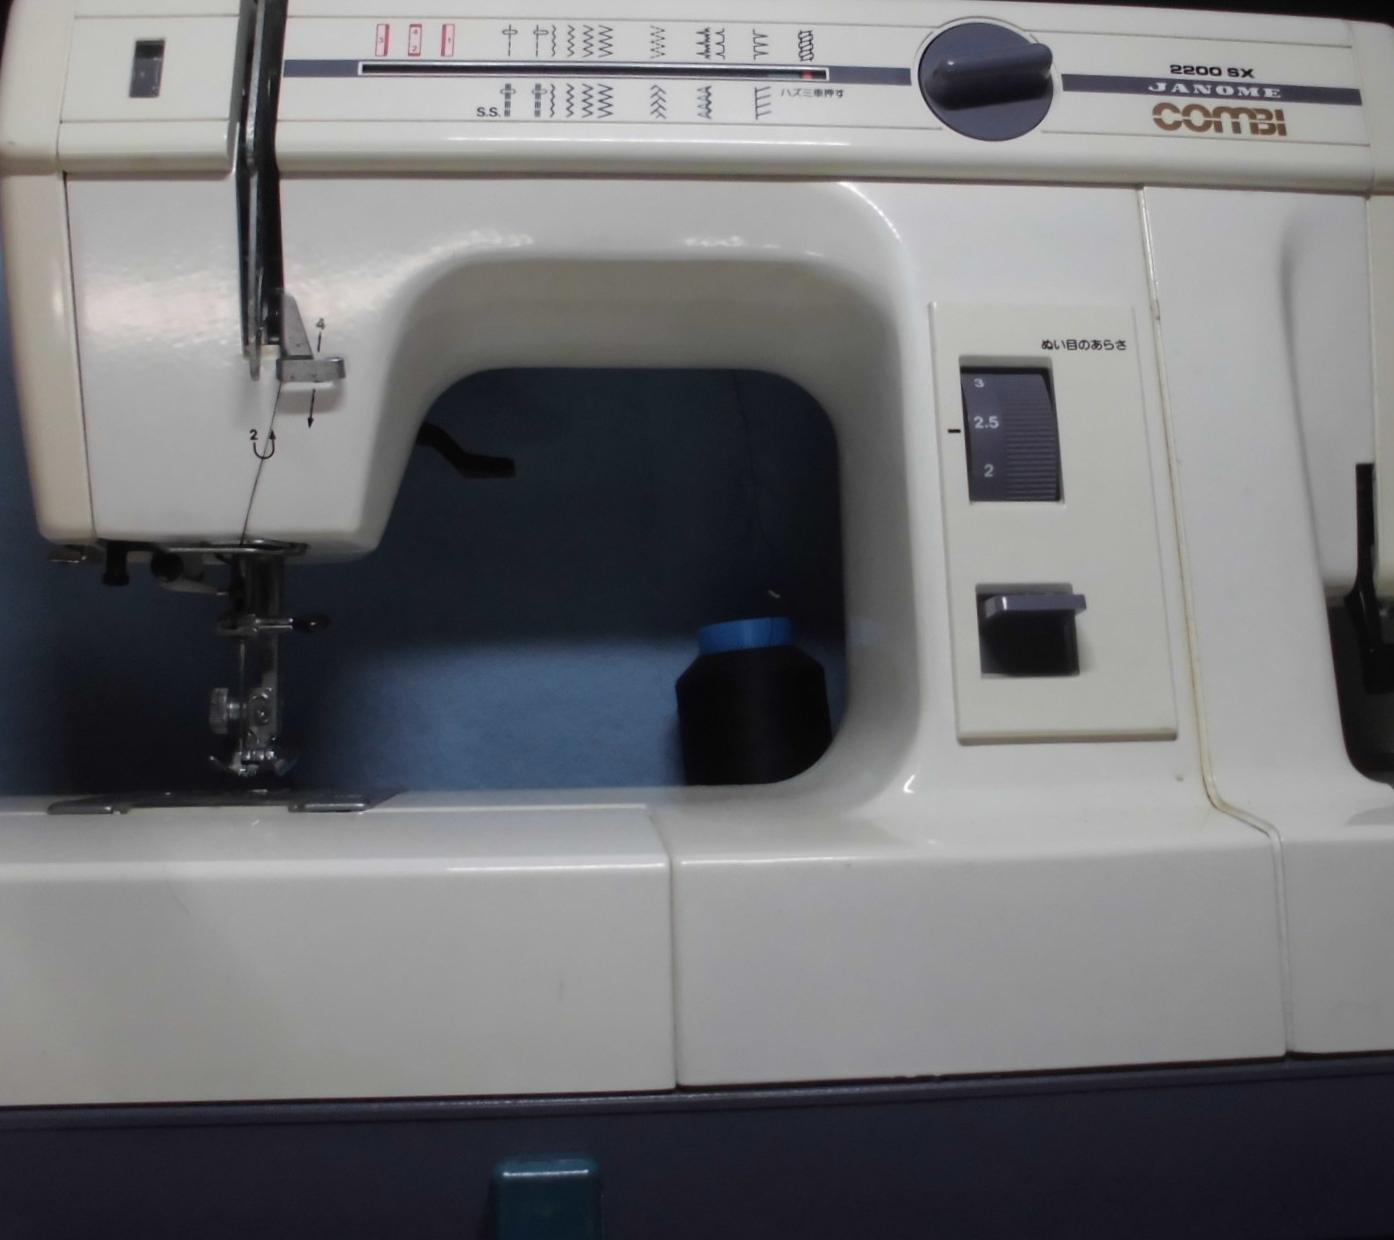 ジャノメミシンの修理|コンビシリーズ(2200SX)|糸が絡まず縫えない、スピードが遅い